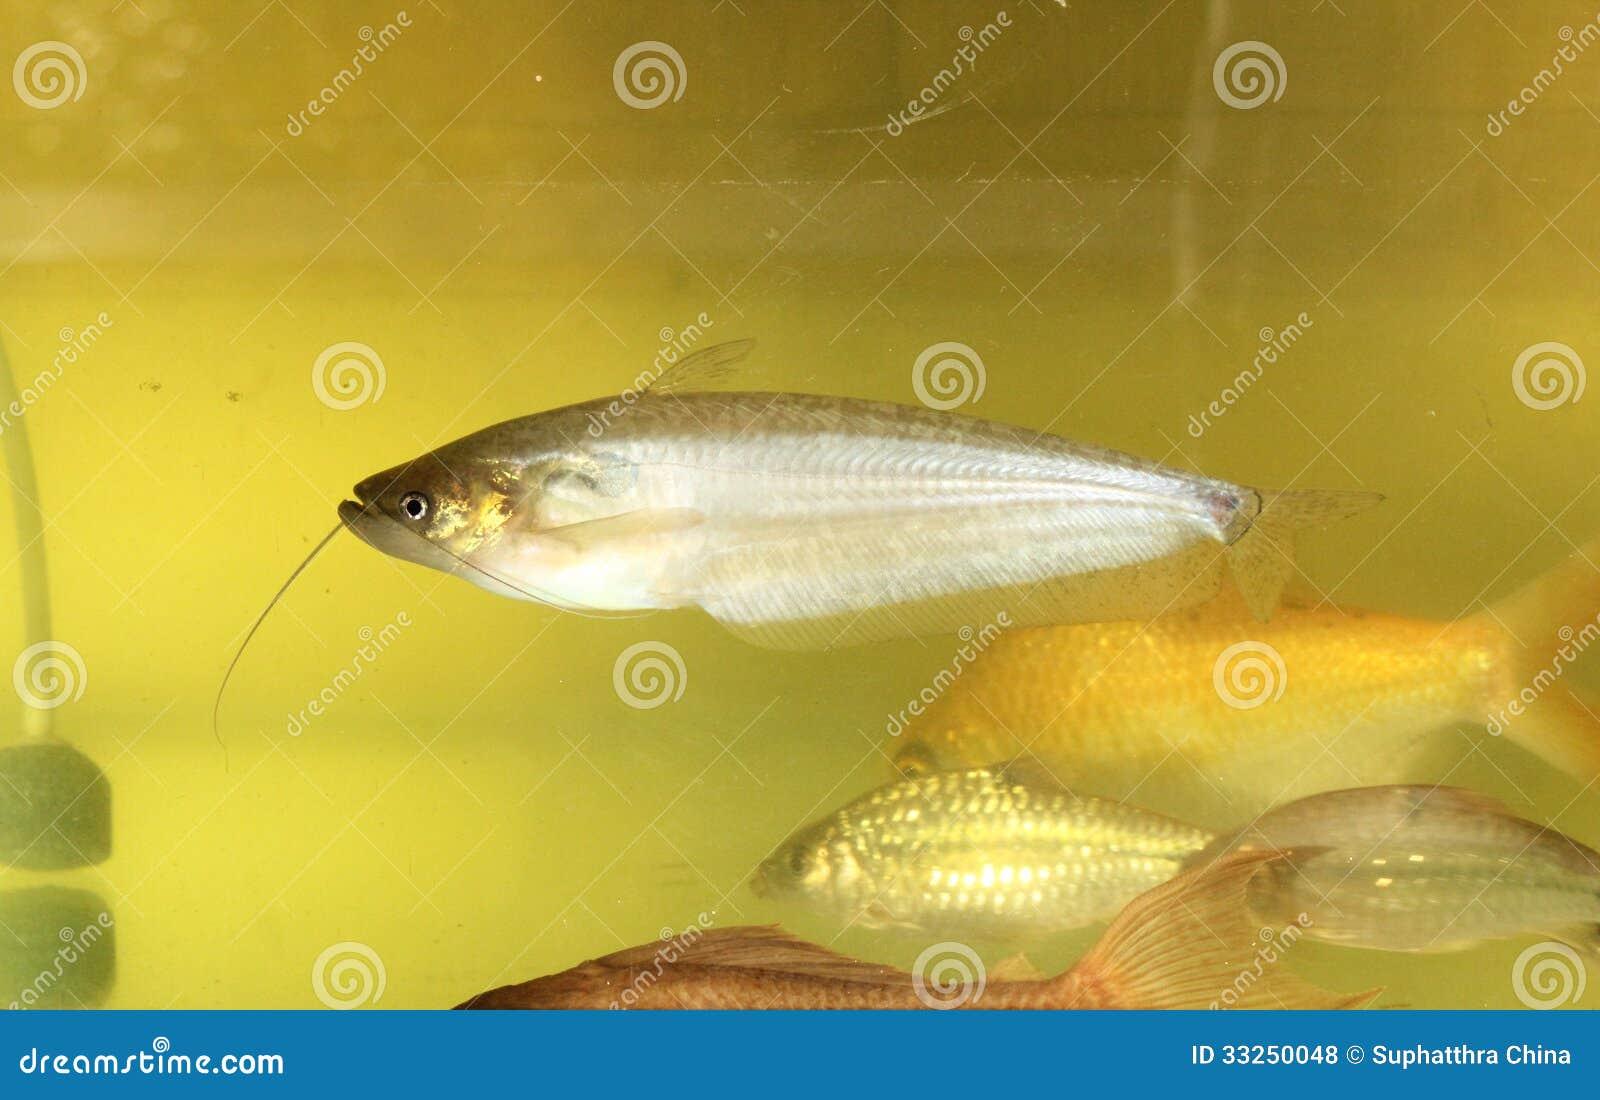 Sheatfish Royalty Free Stock Photos - Image: 33250048